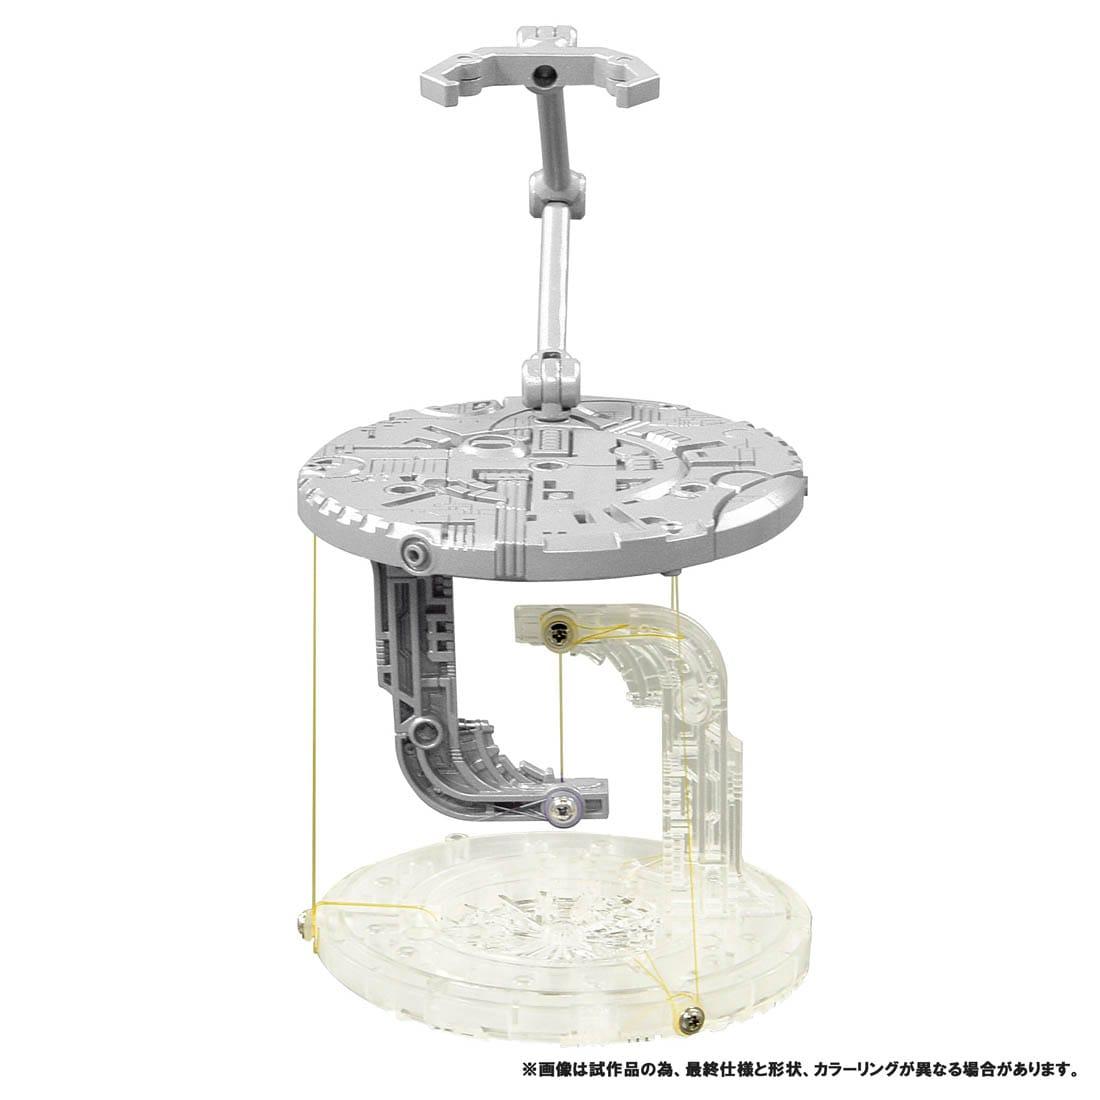 トランスフォーマー『反重力台座テンセグベース オプティマスプライム セット』可変可動フィギュア-009